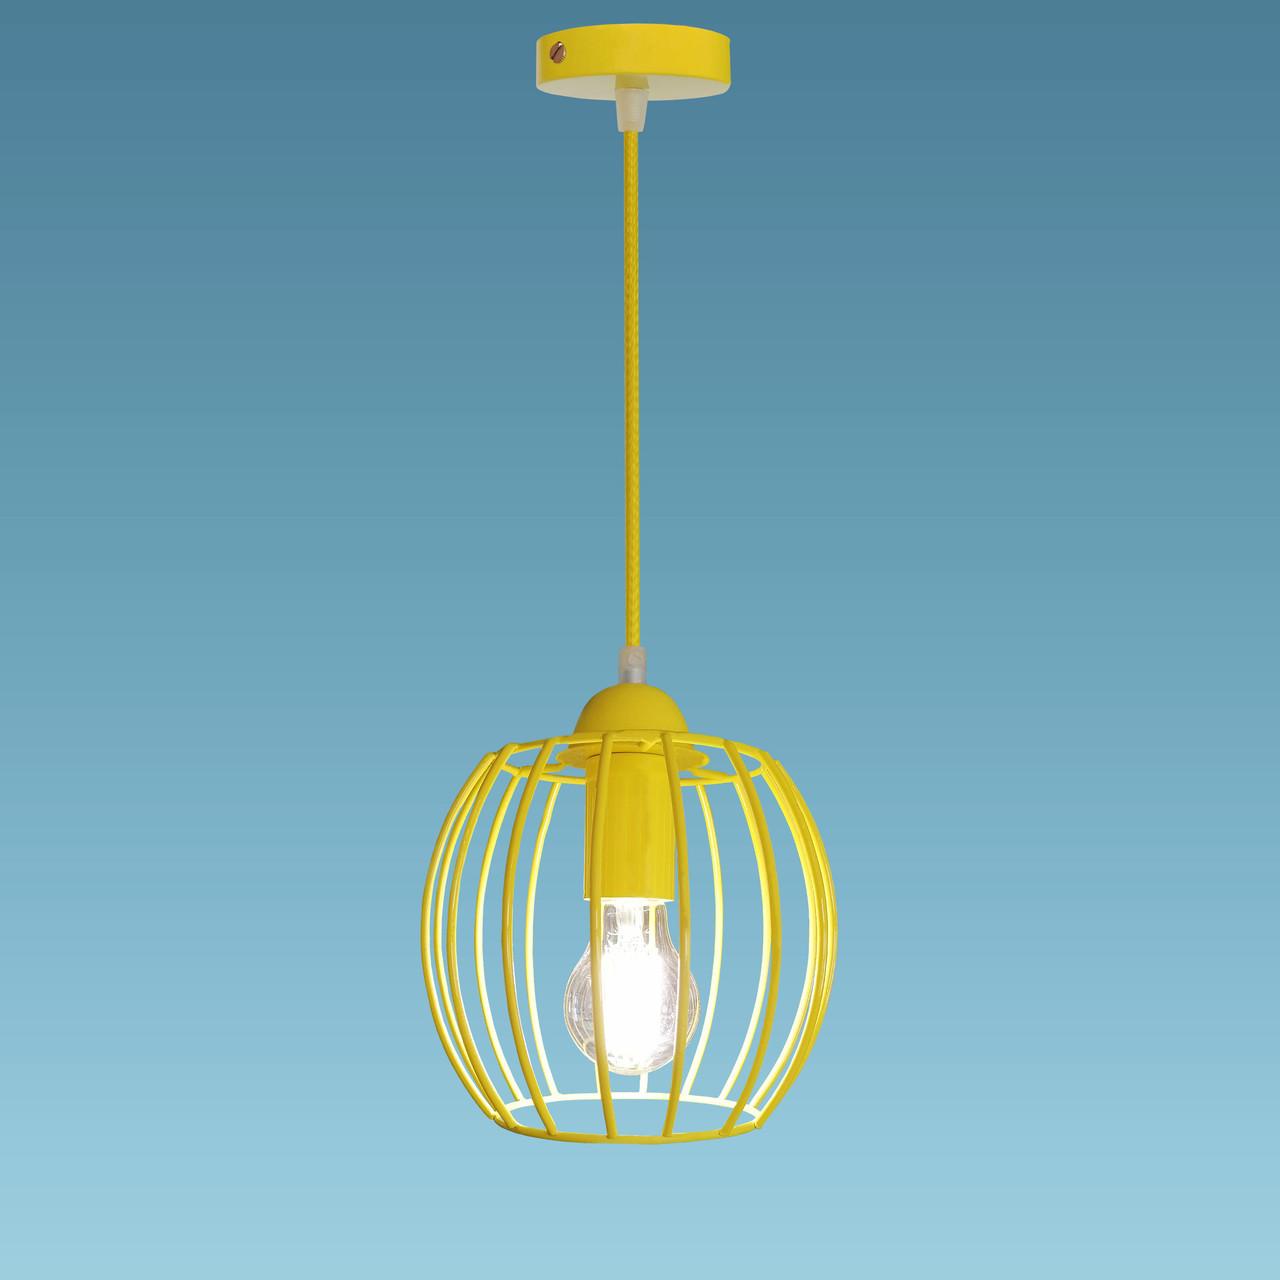 """Подвесной металлический светильник, современный стиль """"BARREL-E"""" Е27  желтый цвет"""